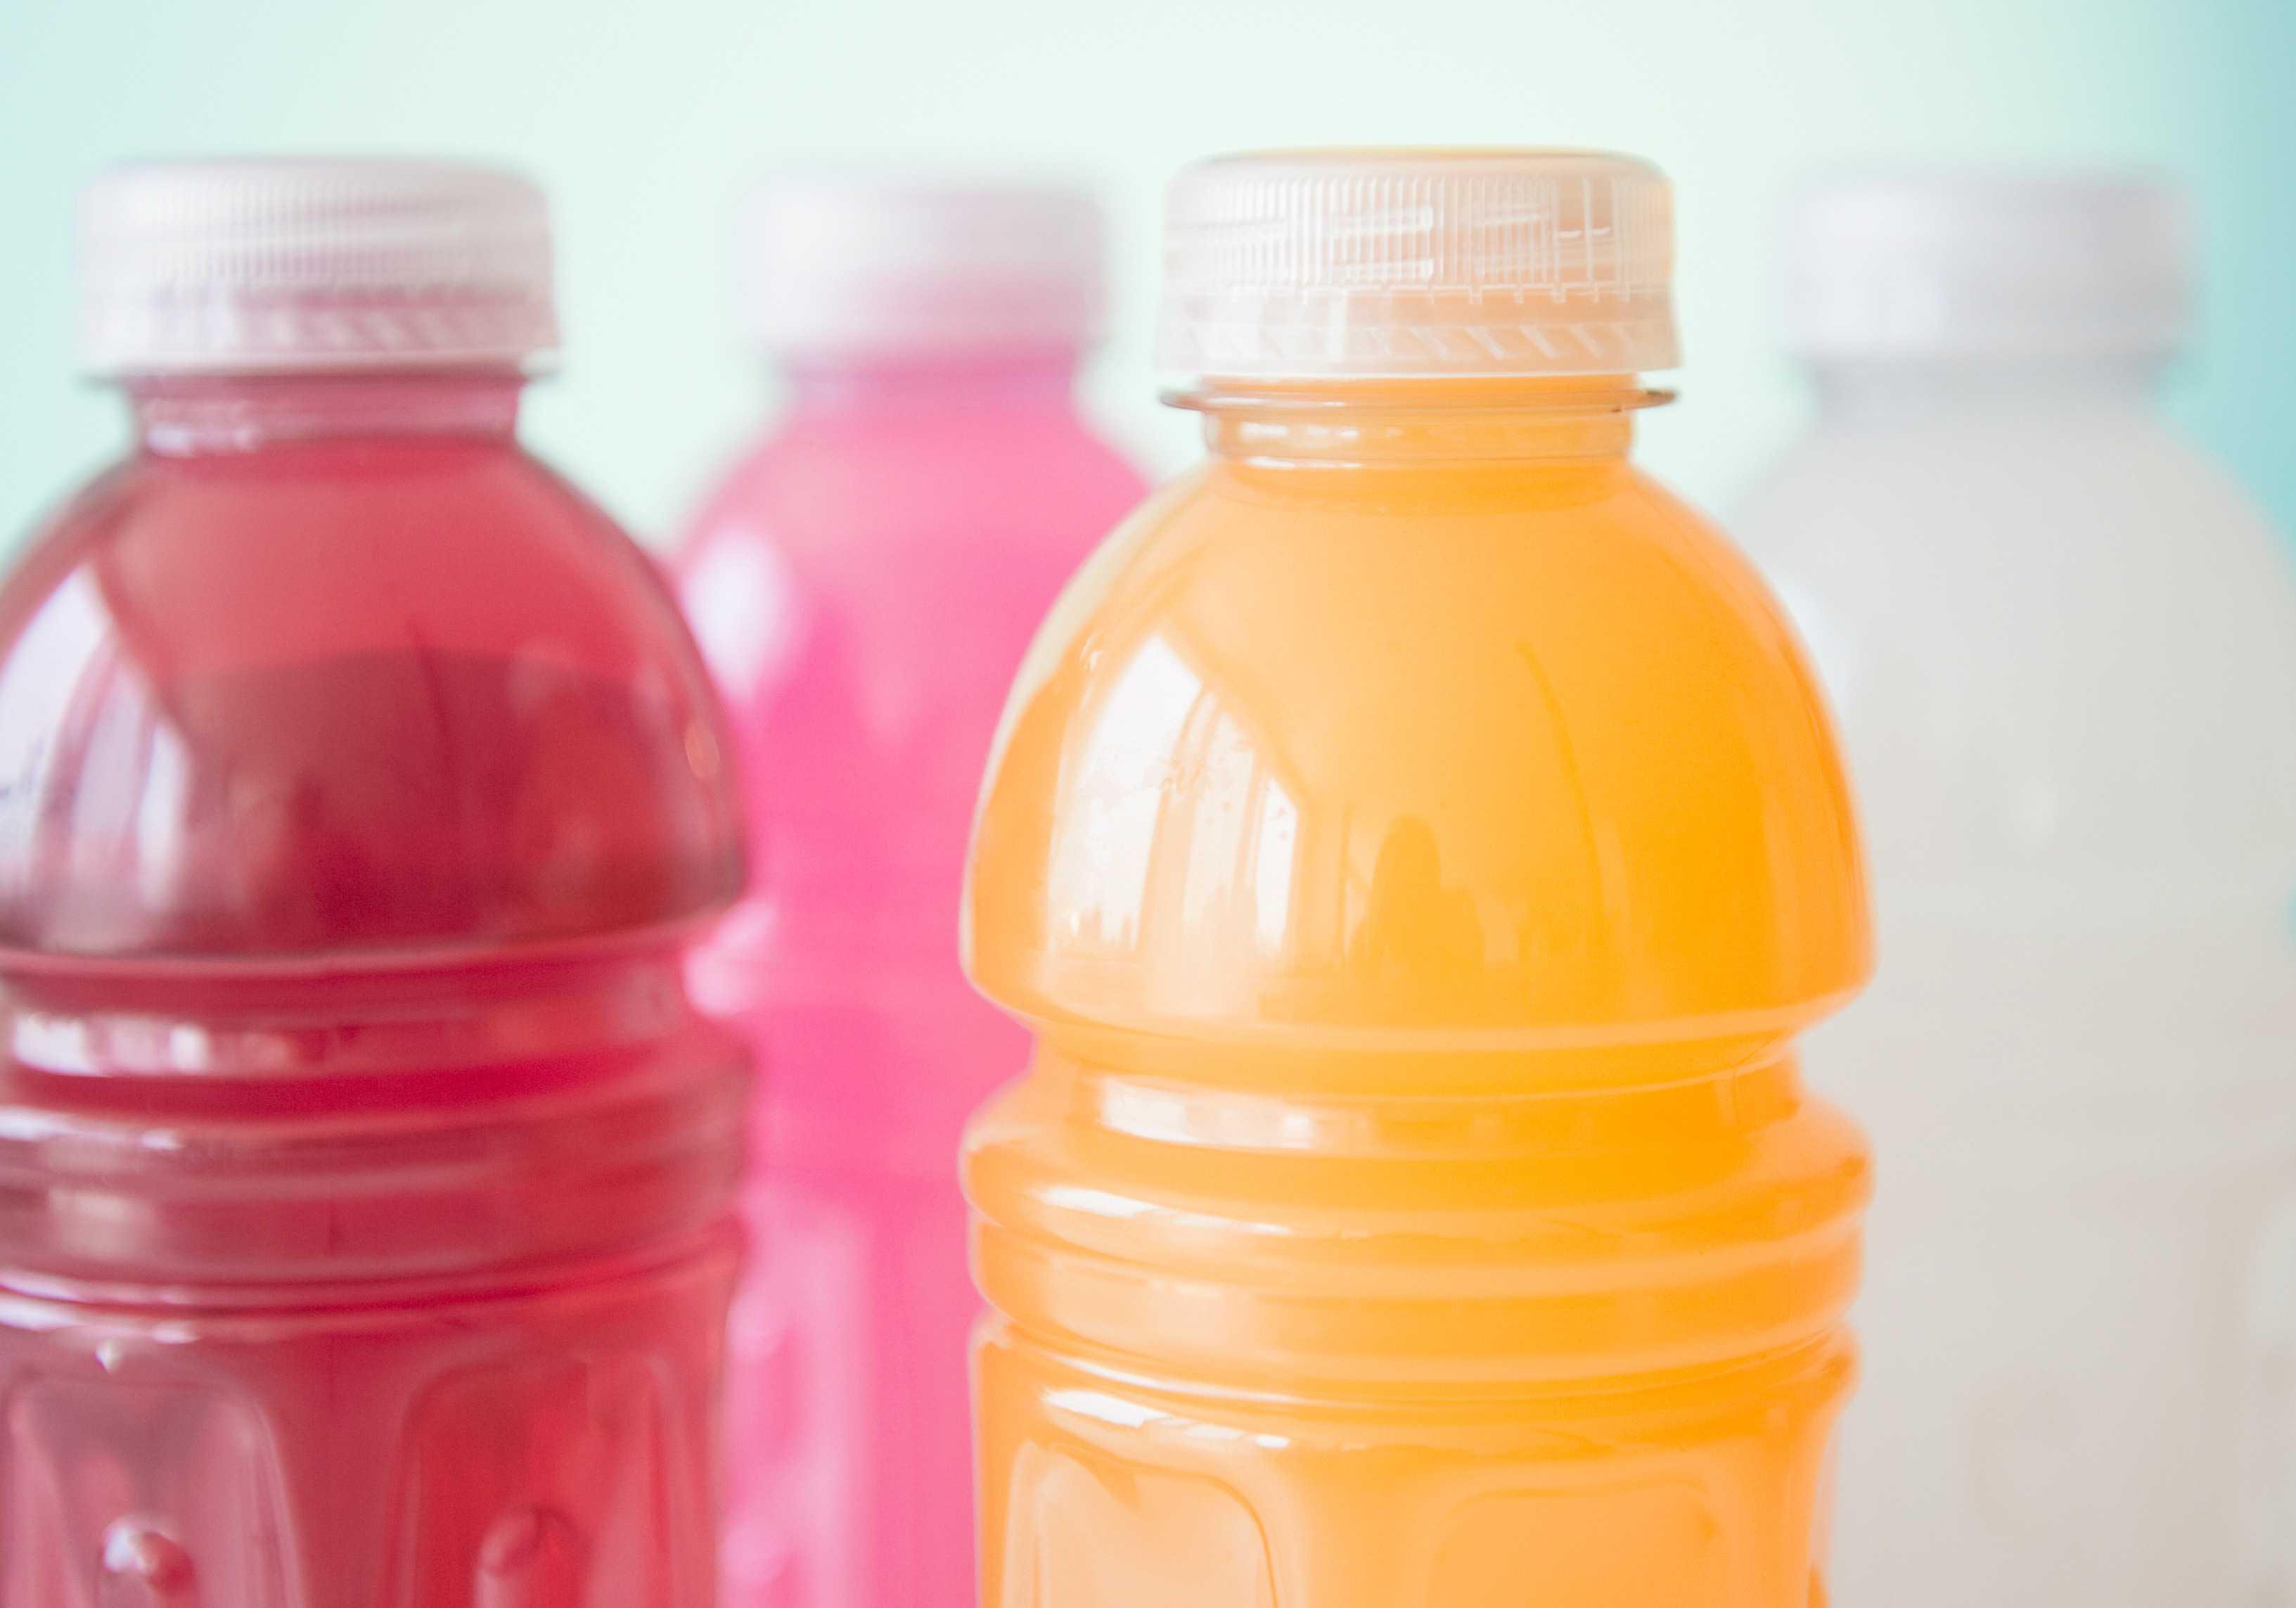 bebidas de jugo en botellas